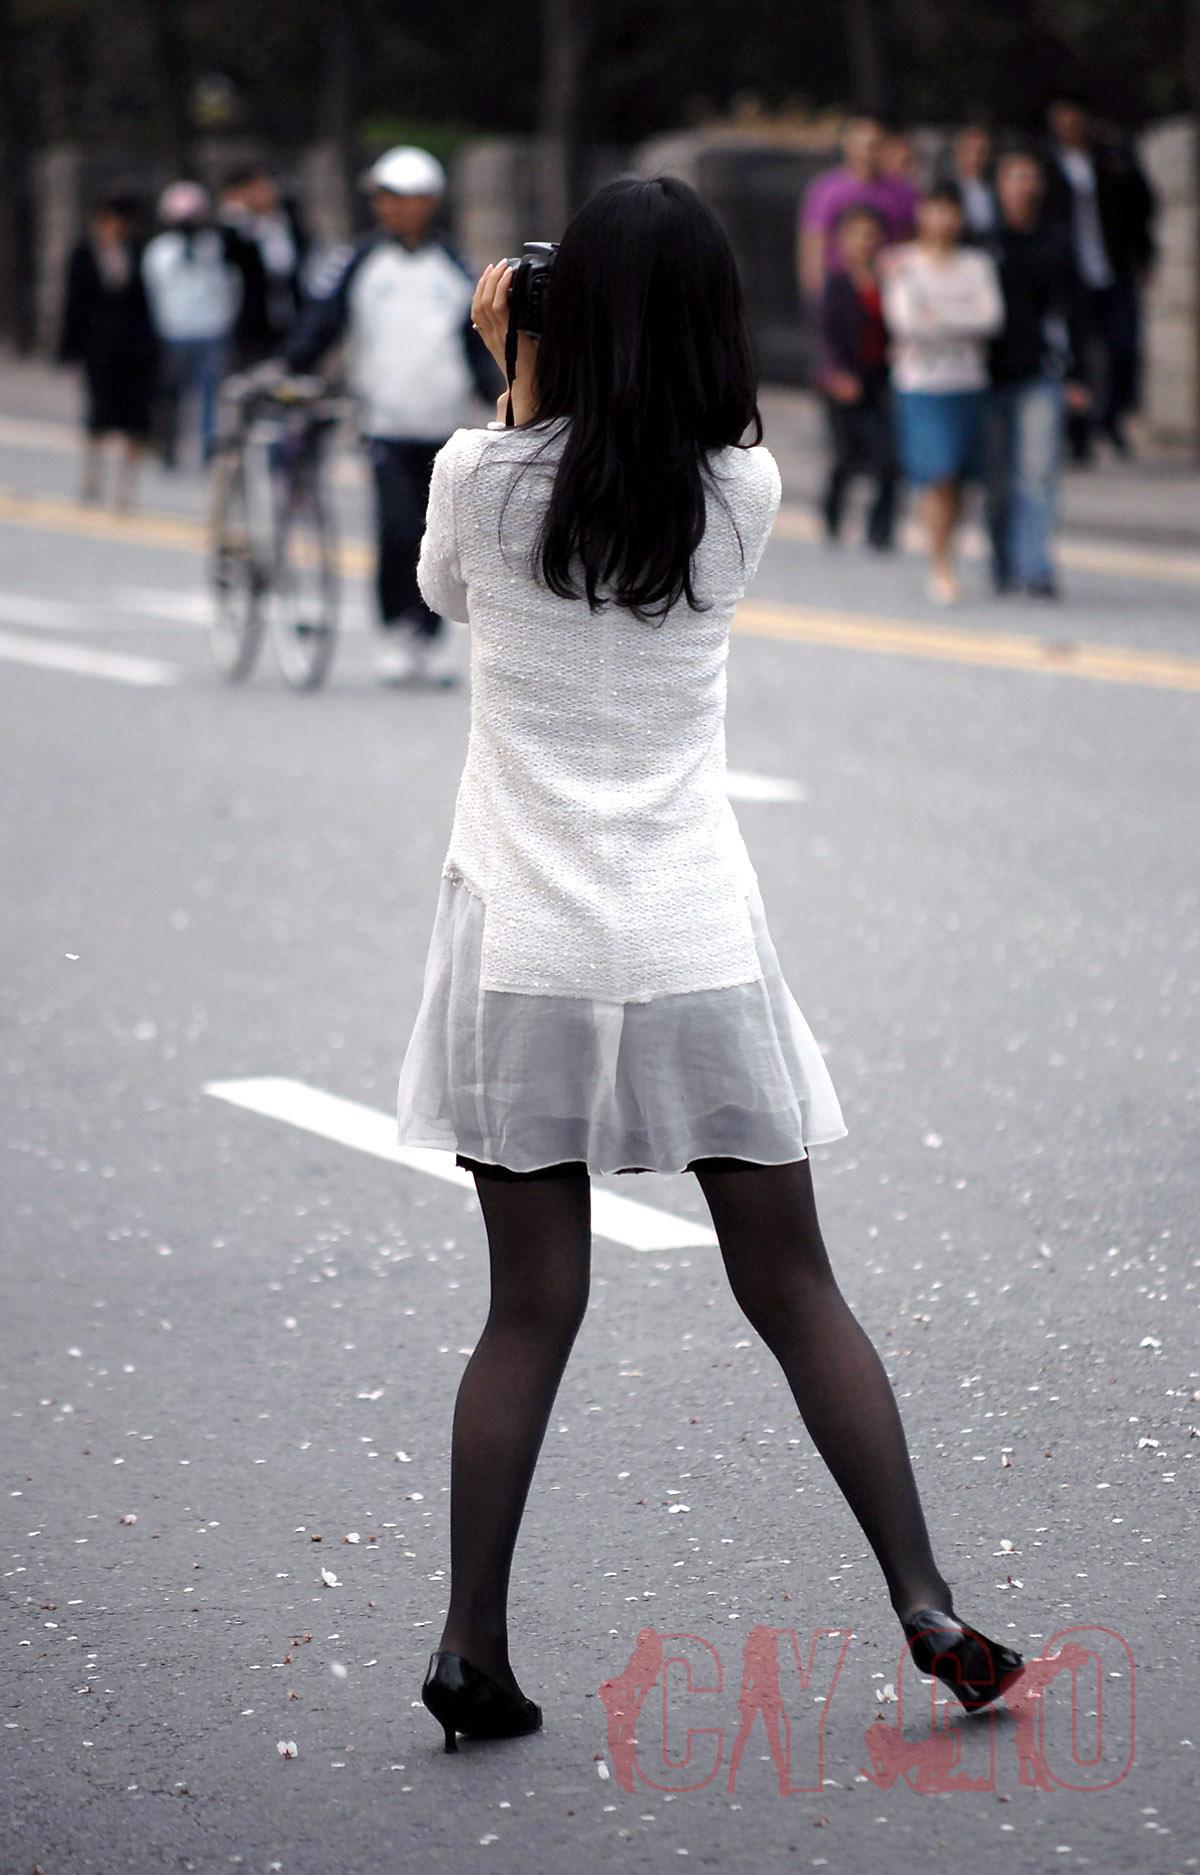 薄い黒ストッキング脚が好きNo.12【目一杯抜いて!】 [転載禁止]©bbspink.comxvideo>5本 YouTube動画>8本 ->画像>977枚